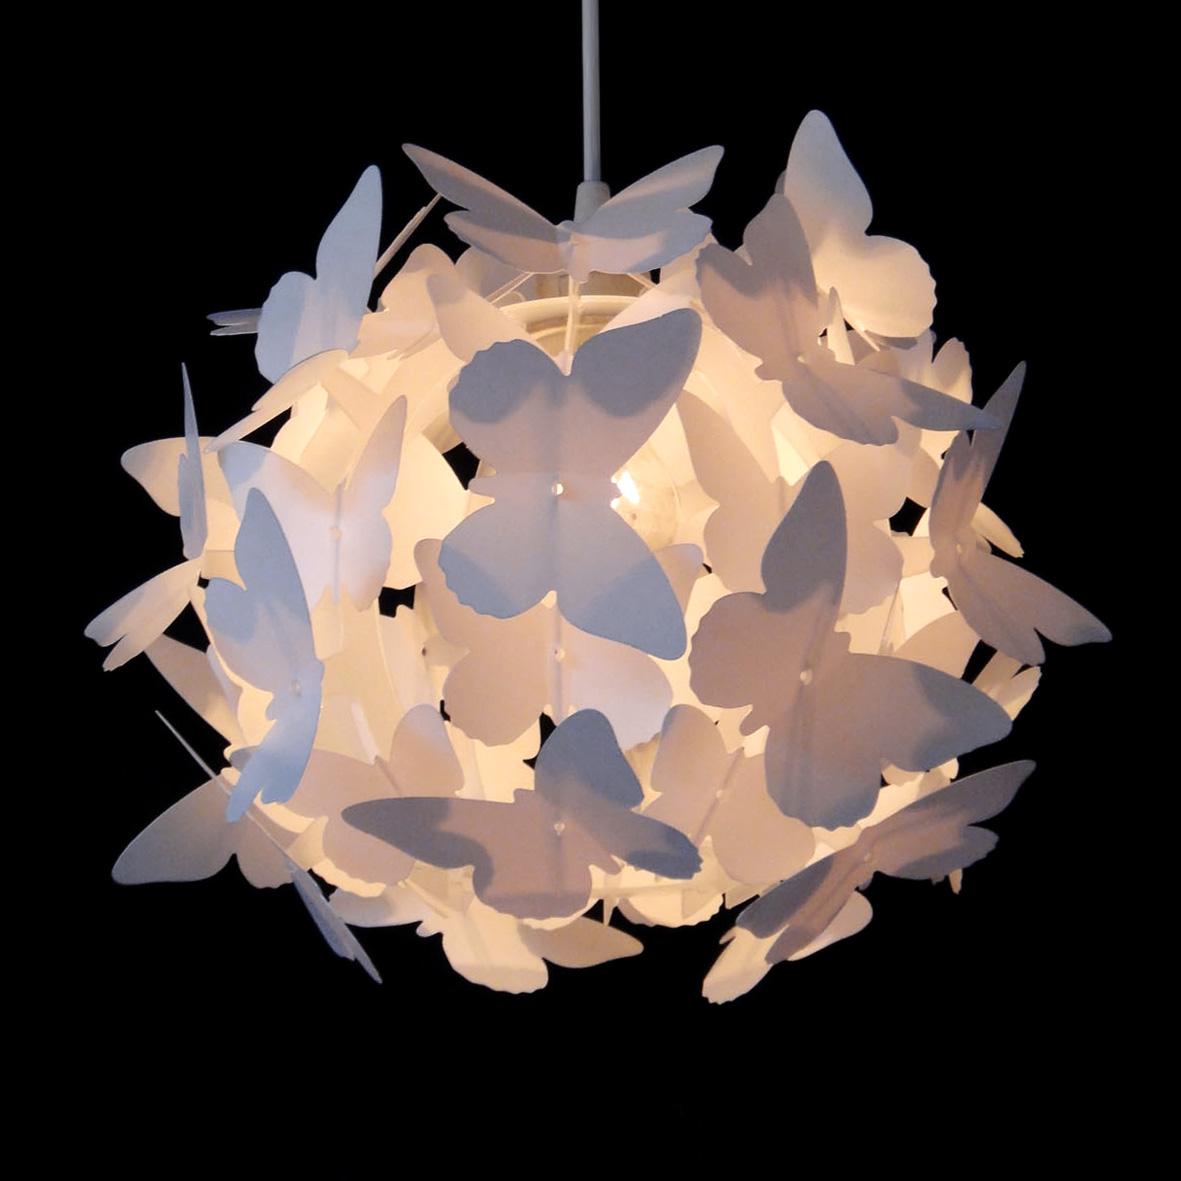 Girls Pretty White Butterfly Ceiling Pendant Light Lamp